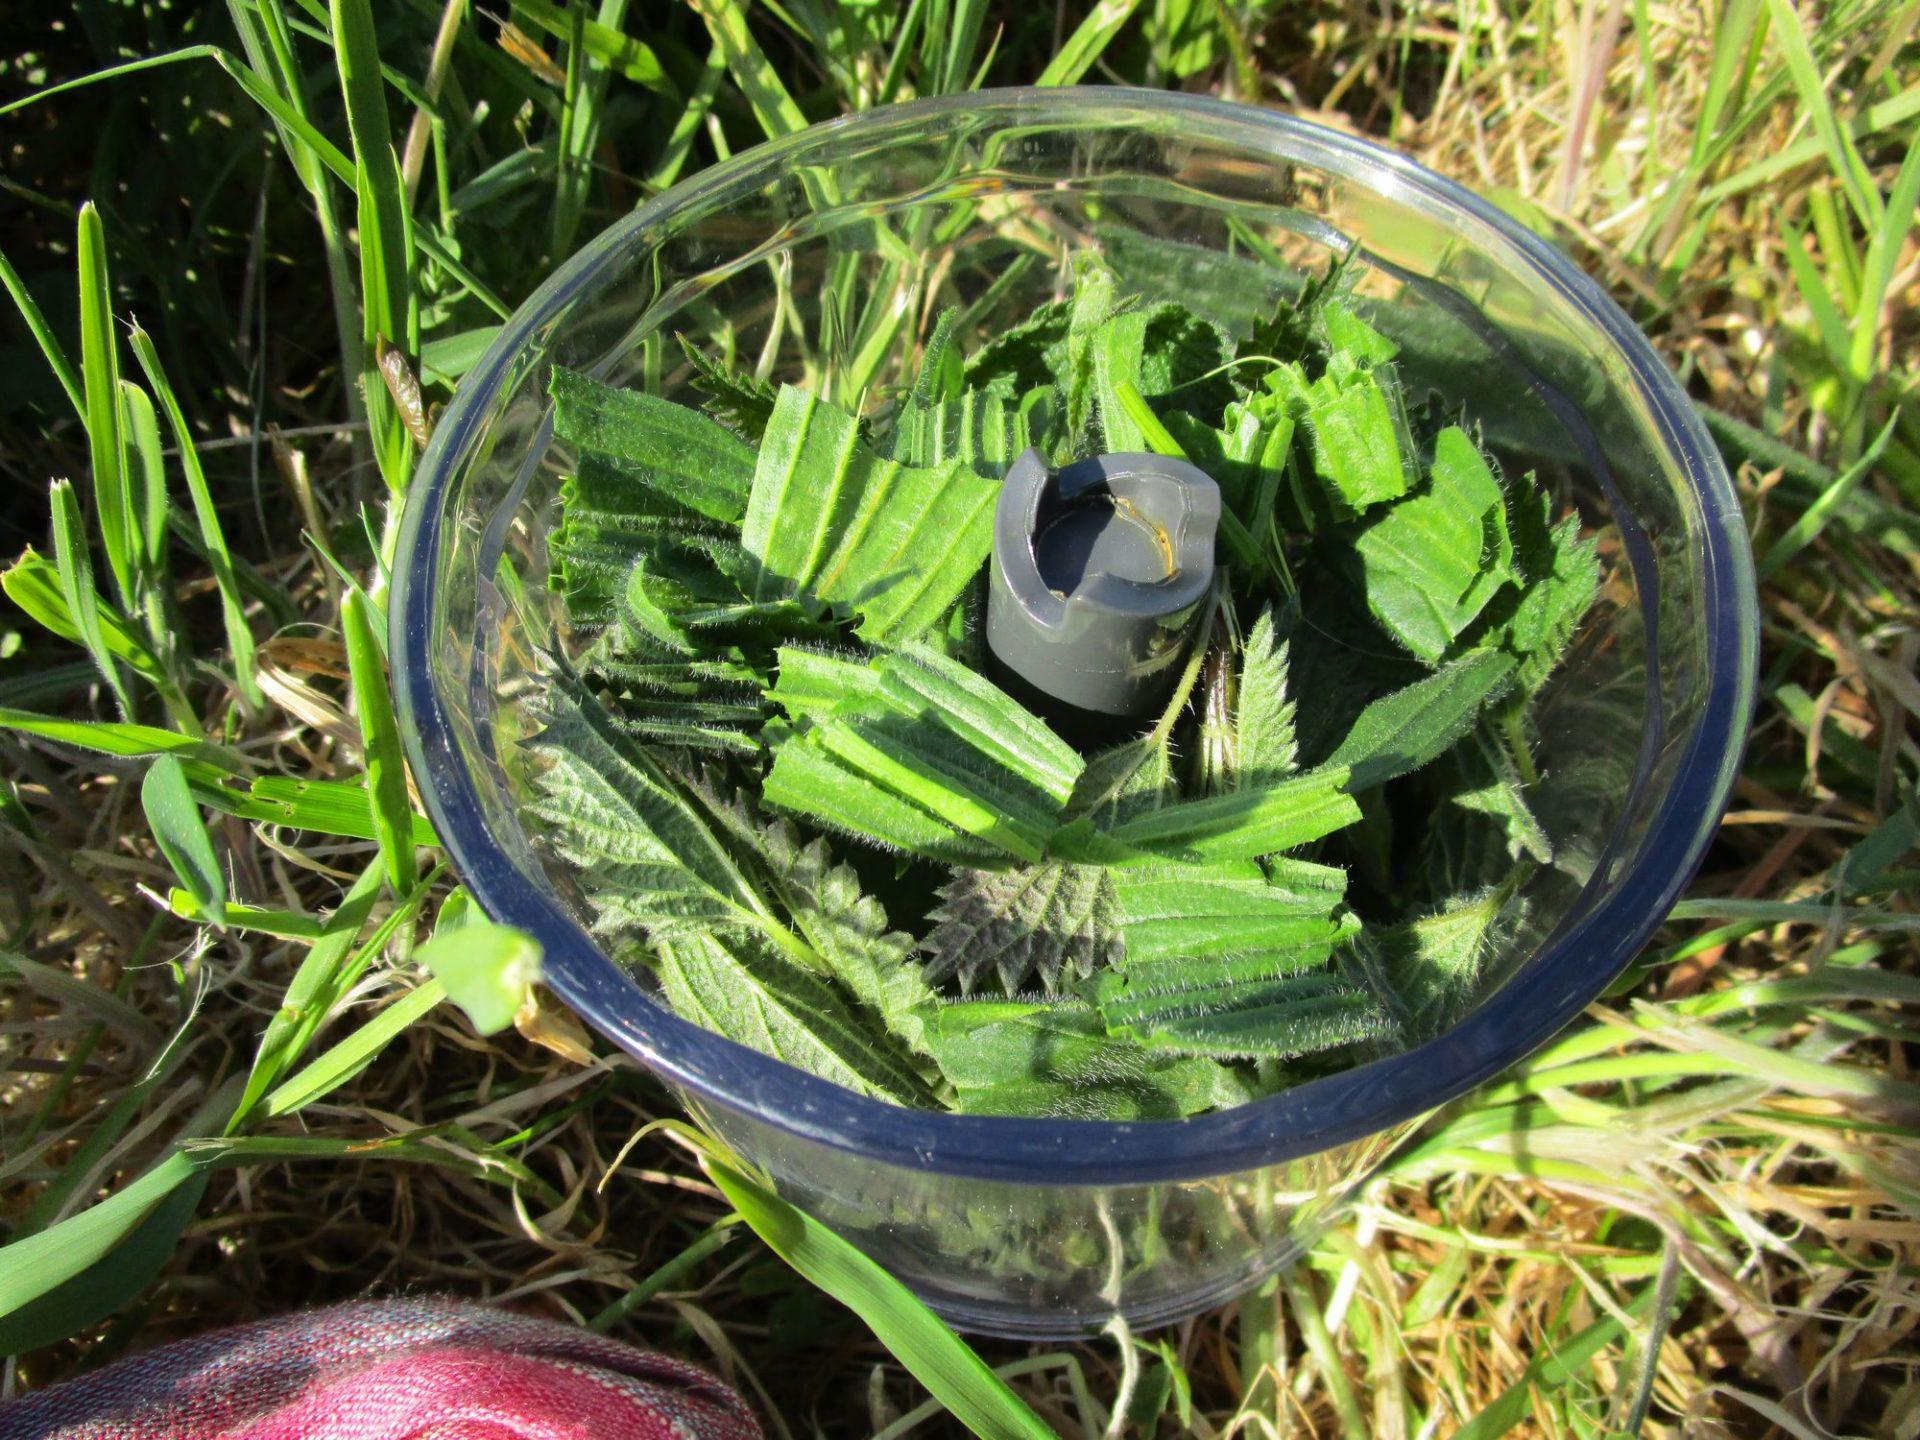 qelques feuilles de plantain